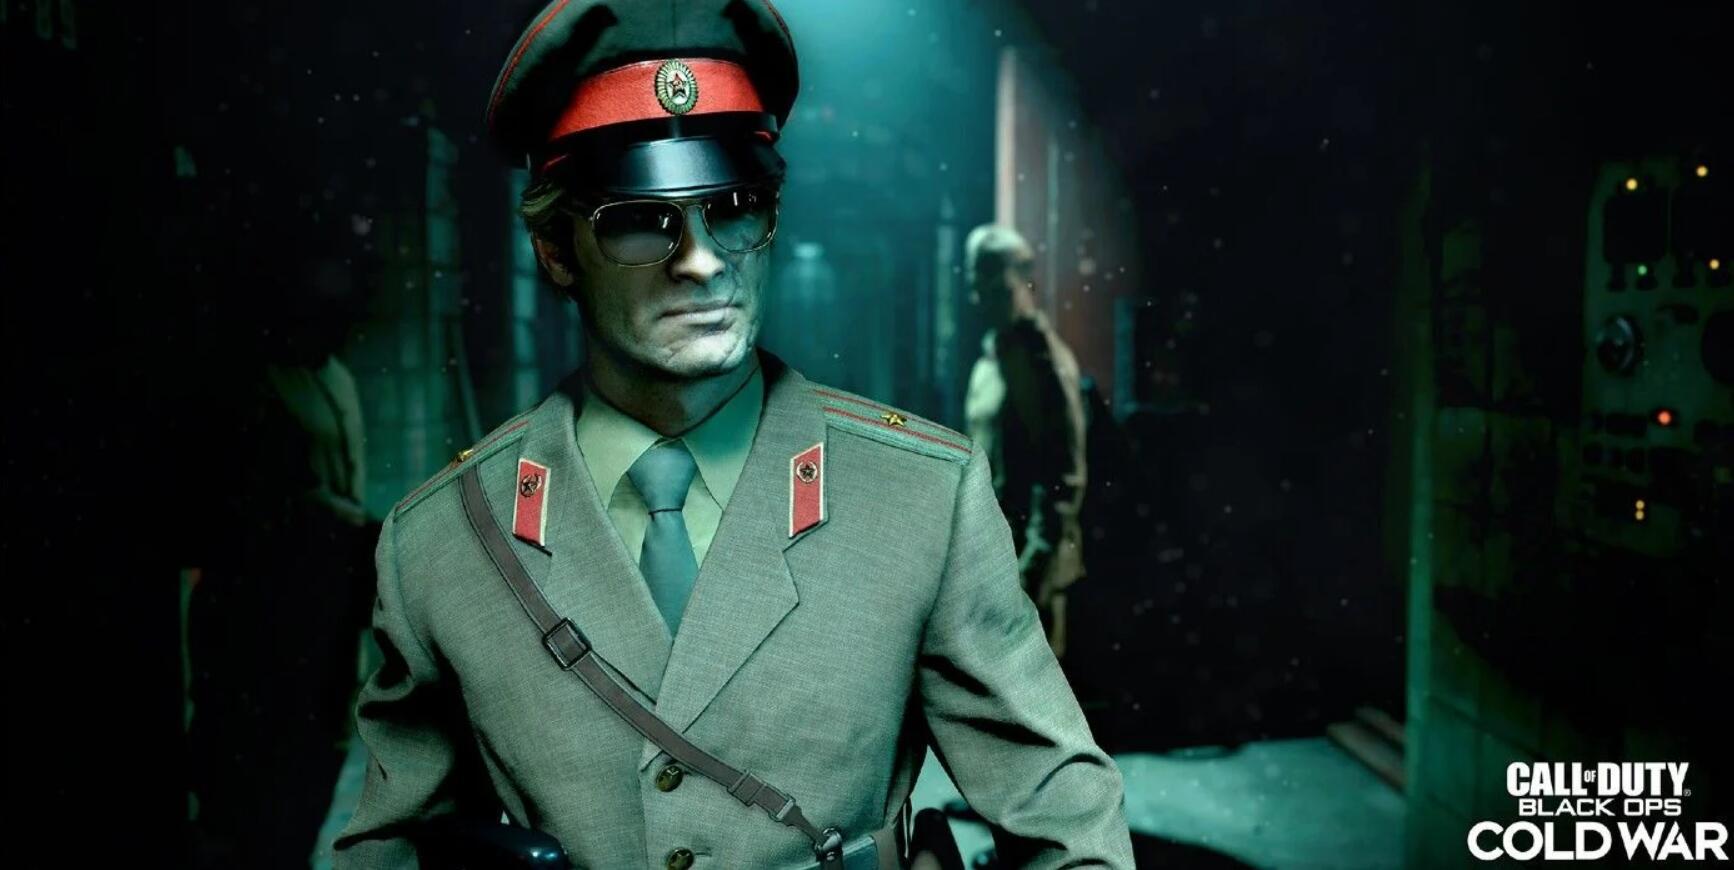 《使命召唤17:黑色行动冷战》PS4版beta日期泄露